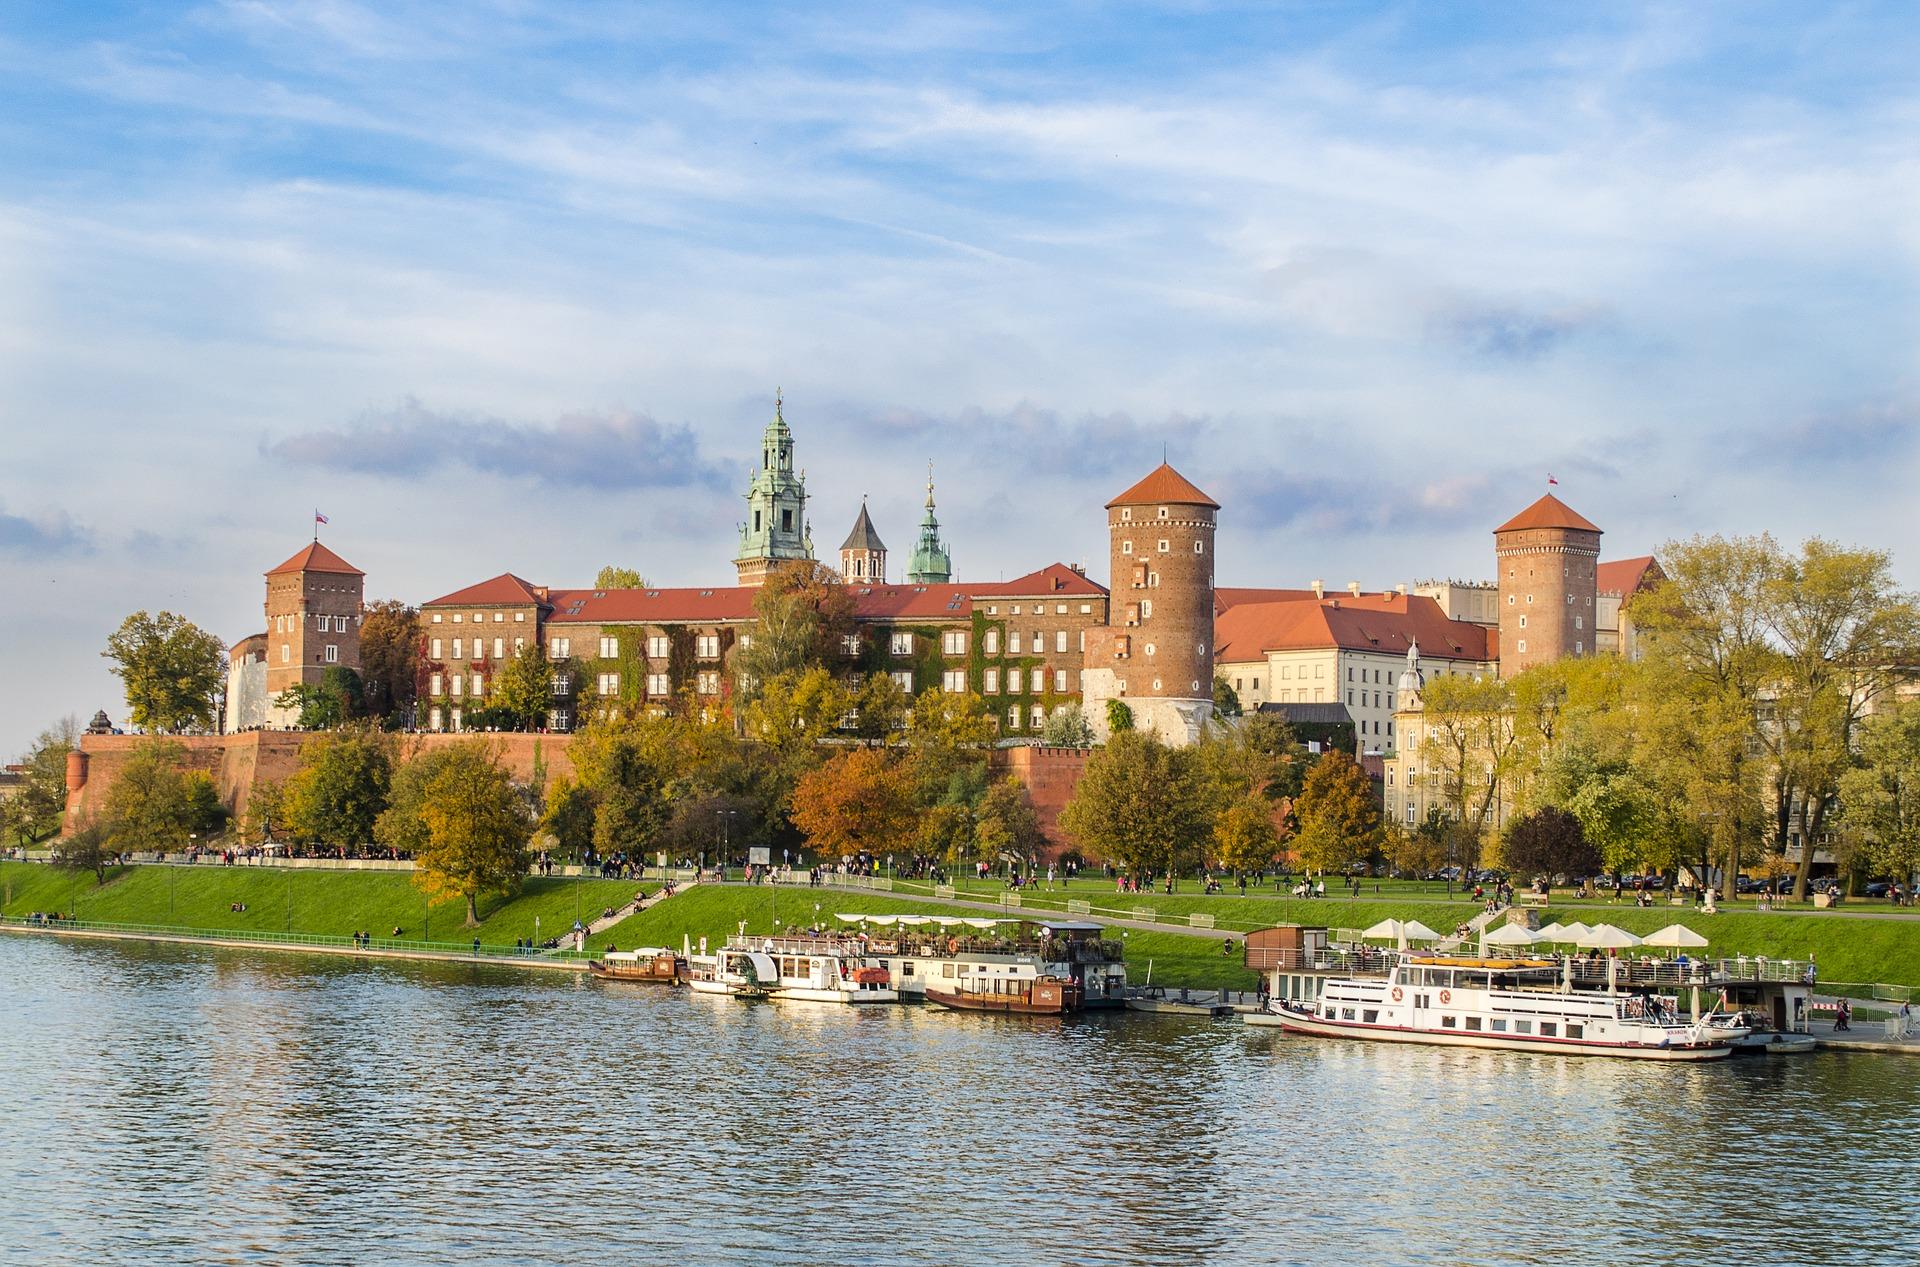 Mieszkanie w Krakowie - komu wynajmować?